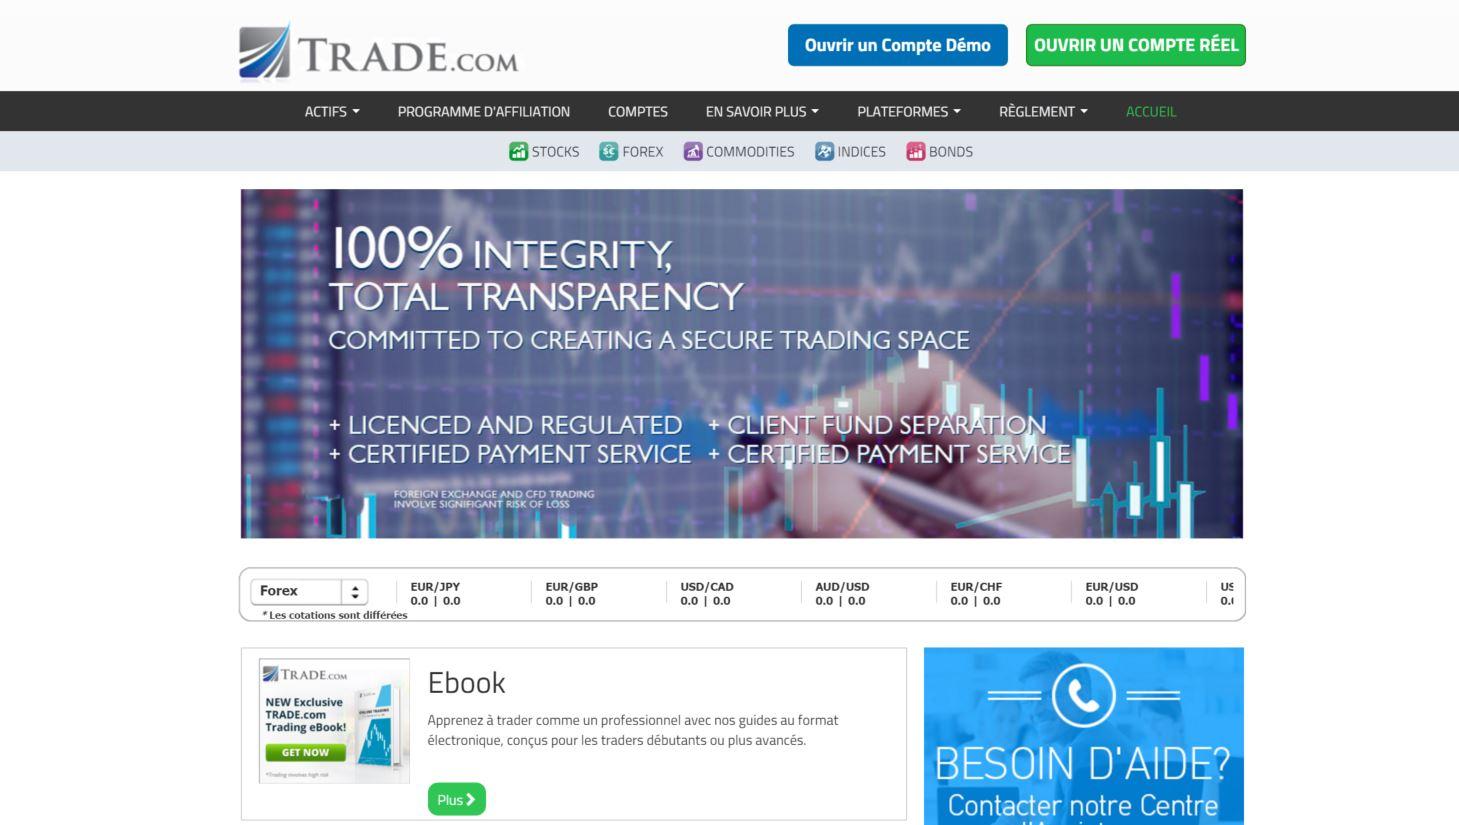 trade.com accueil